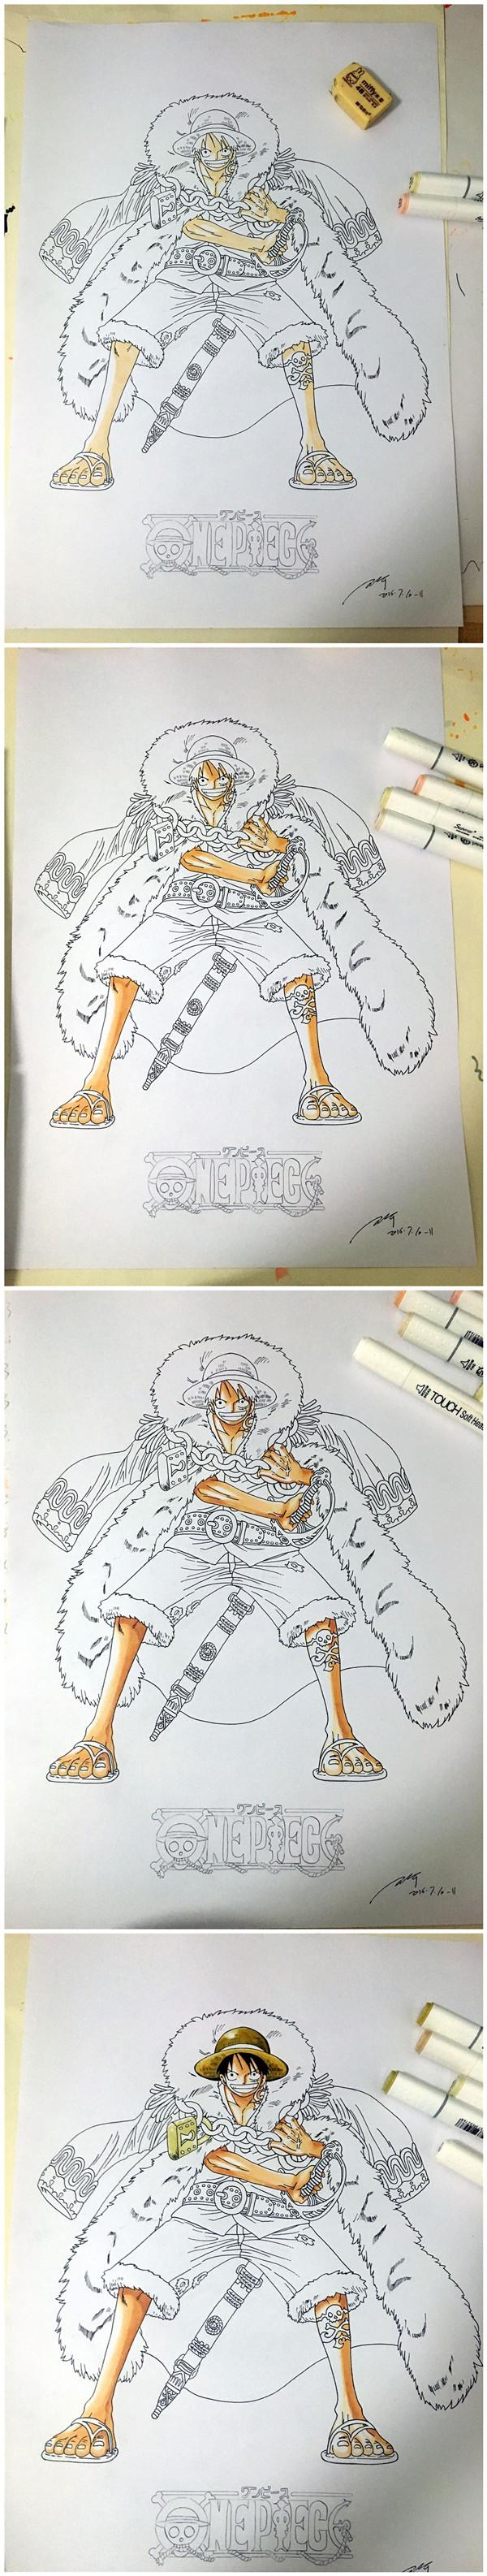 马克笔手绘海贼王蒙奇.d.路飞